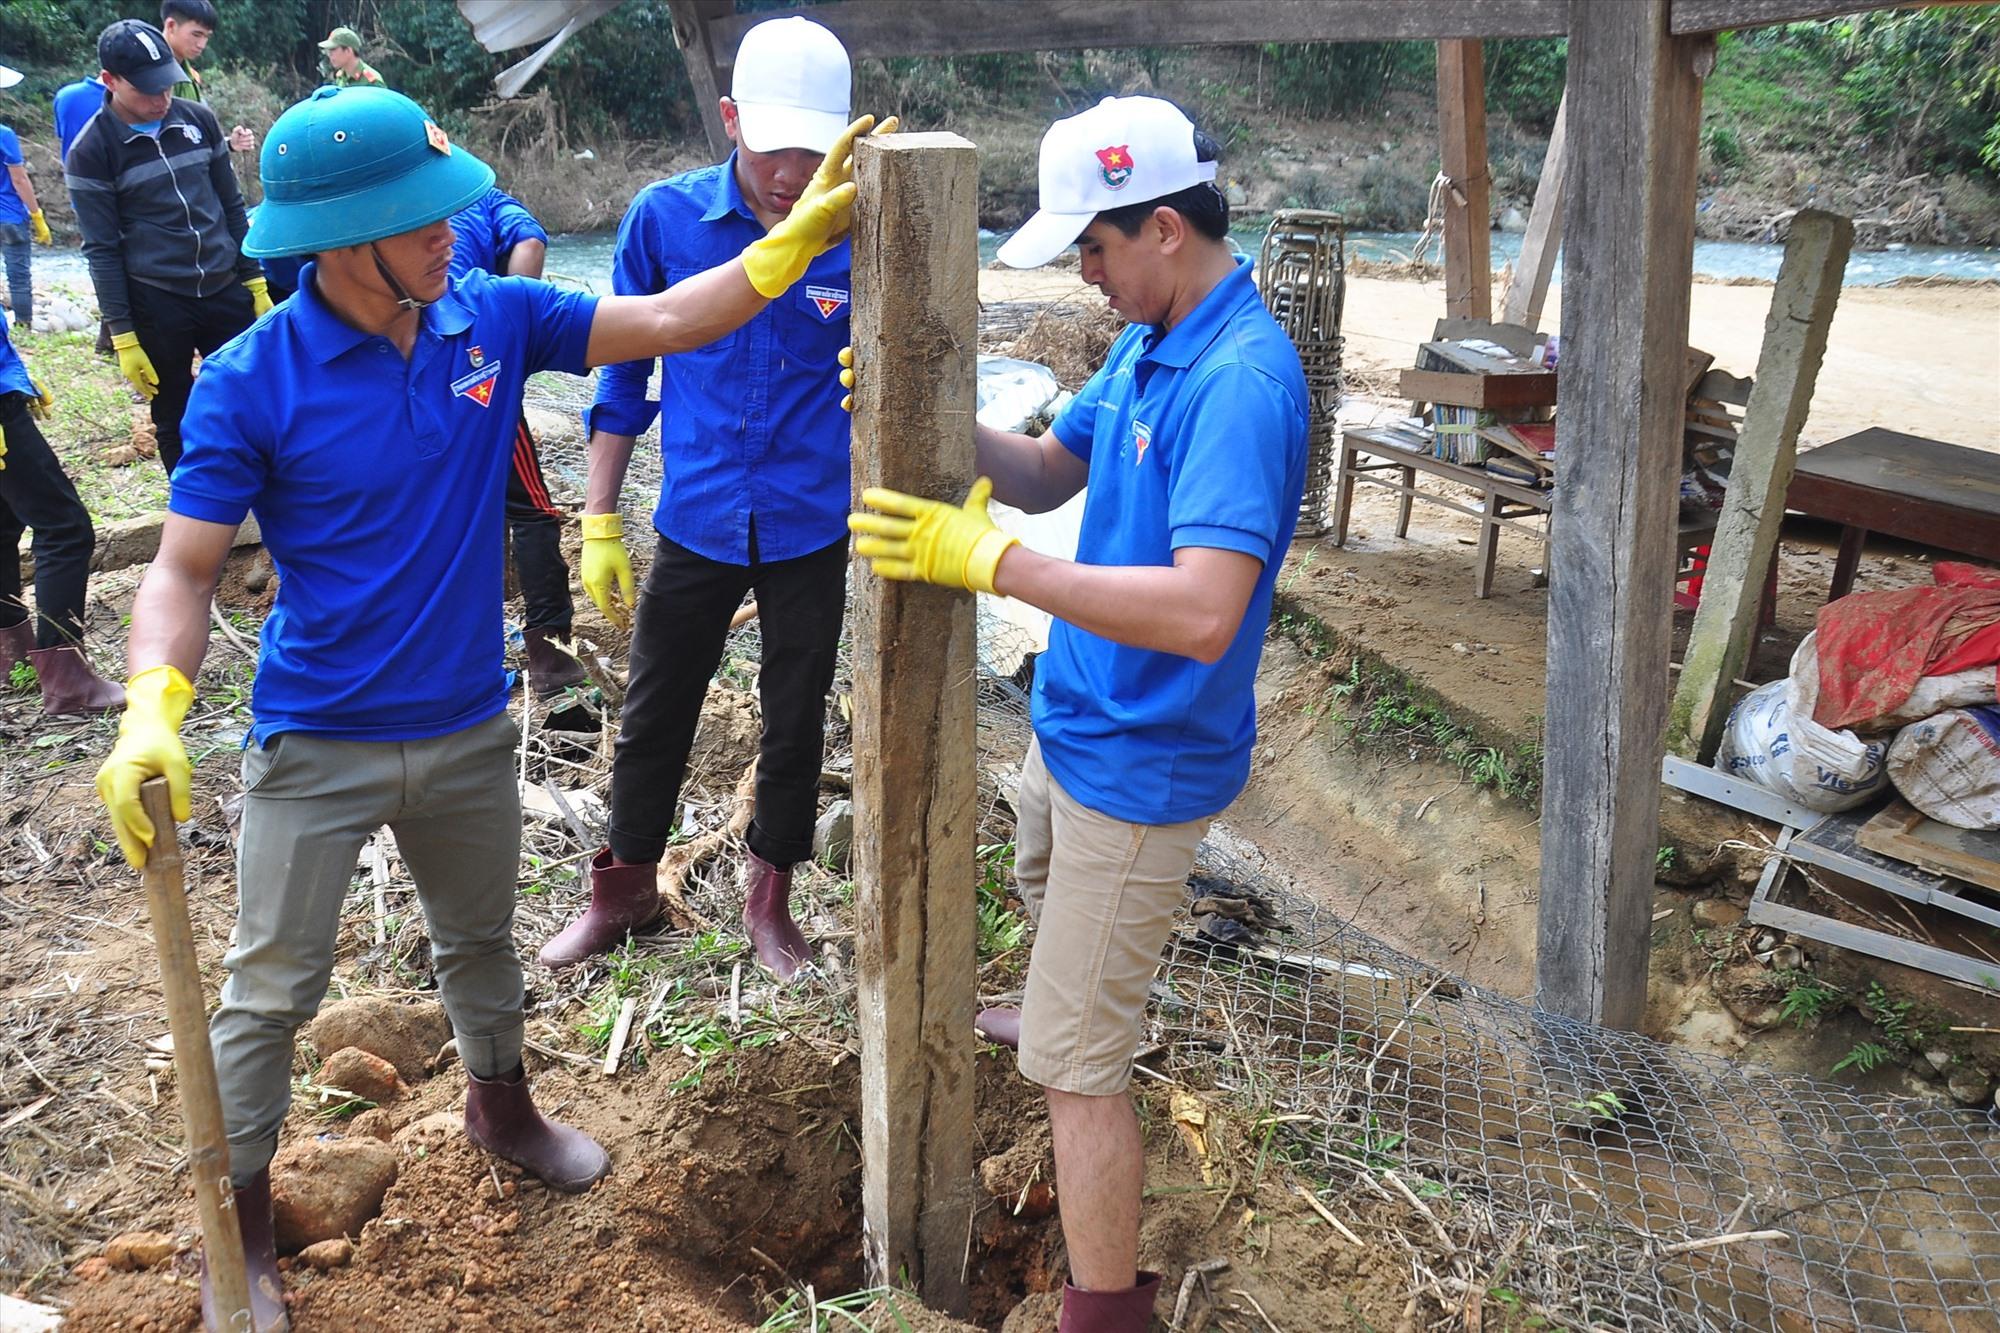 Đoàn thanh niên tình nguyện tiến hành chôn các trụ cọc để sửa chữa lại tường rào phía sau nhà trường. Ảnh: VINH ANH